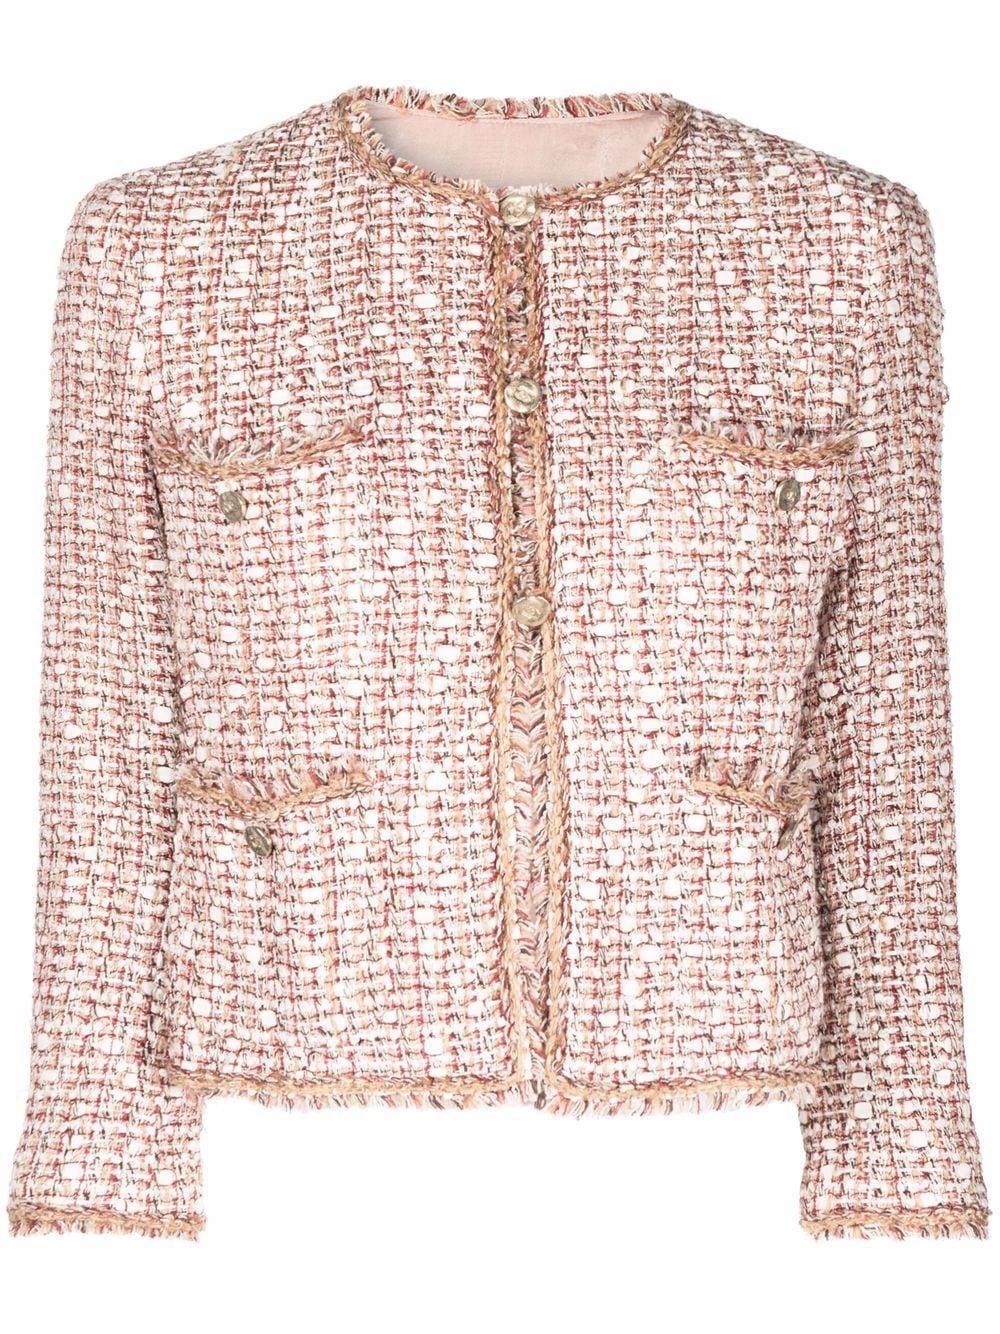 Pre-Owned 2006 Tweed Jacket